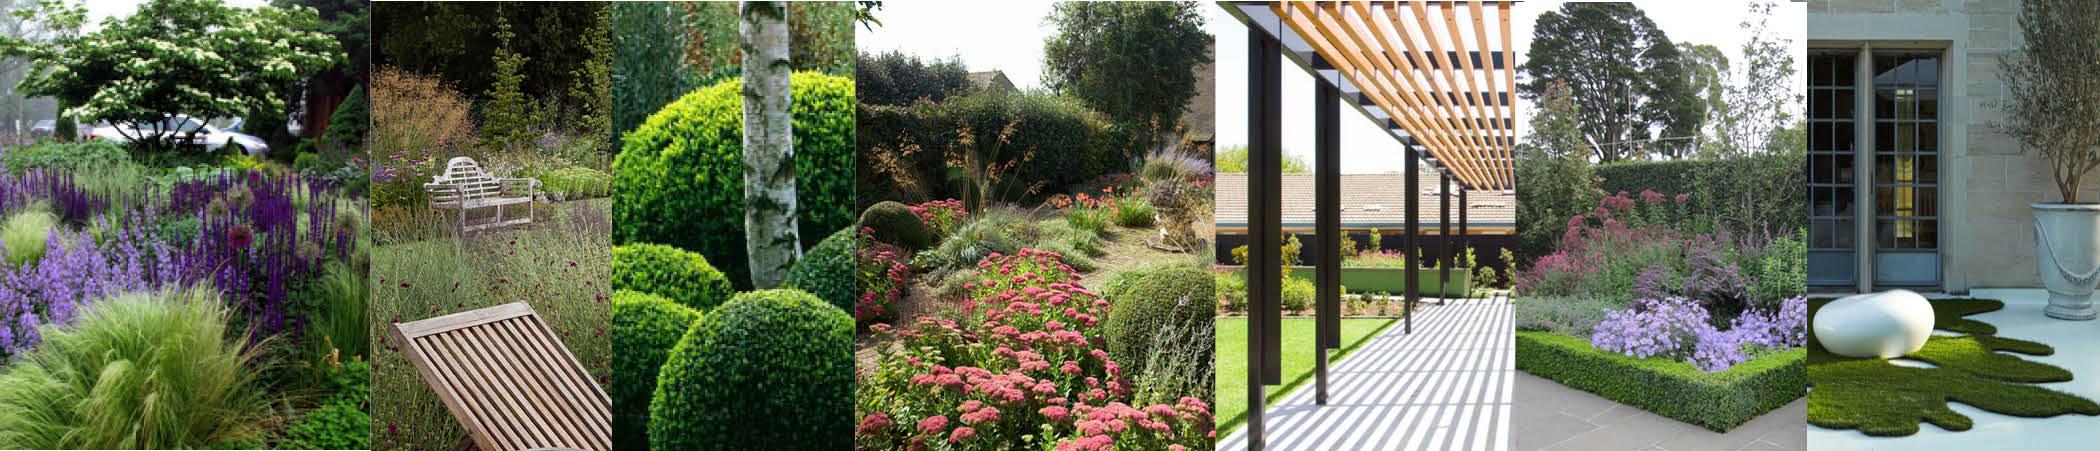 Ian barker gardens st kilda project mood image strip for Landscape design jobs melbourne